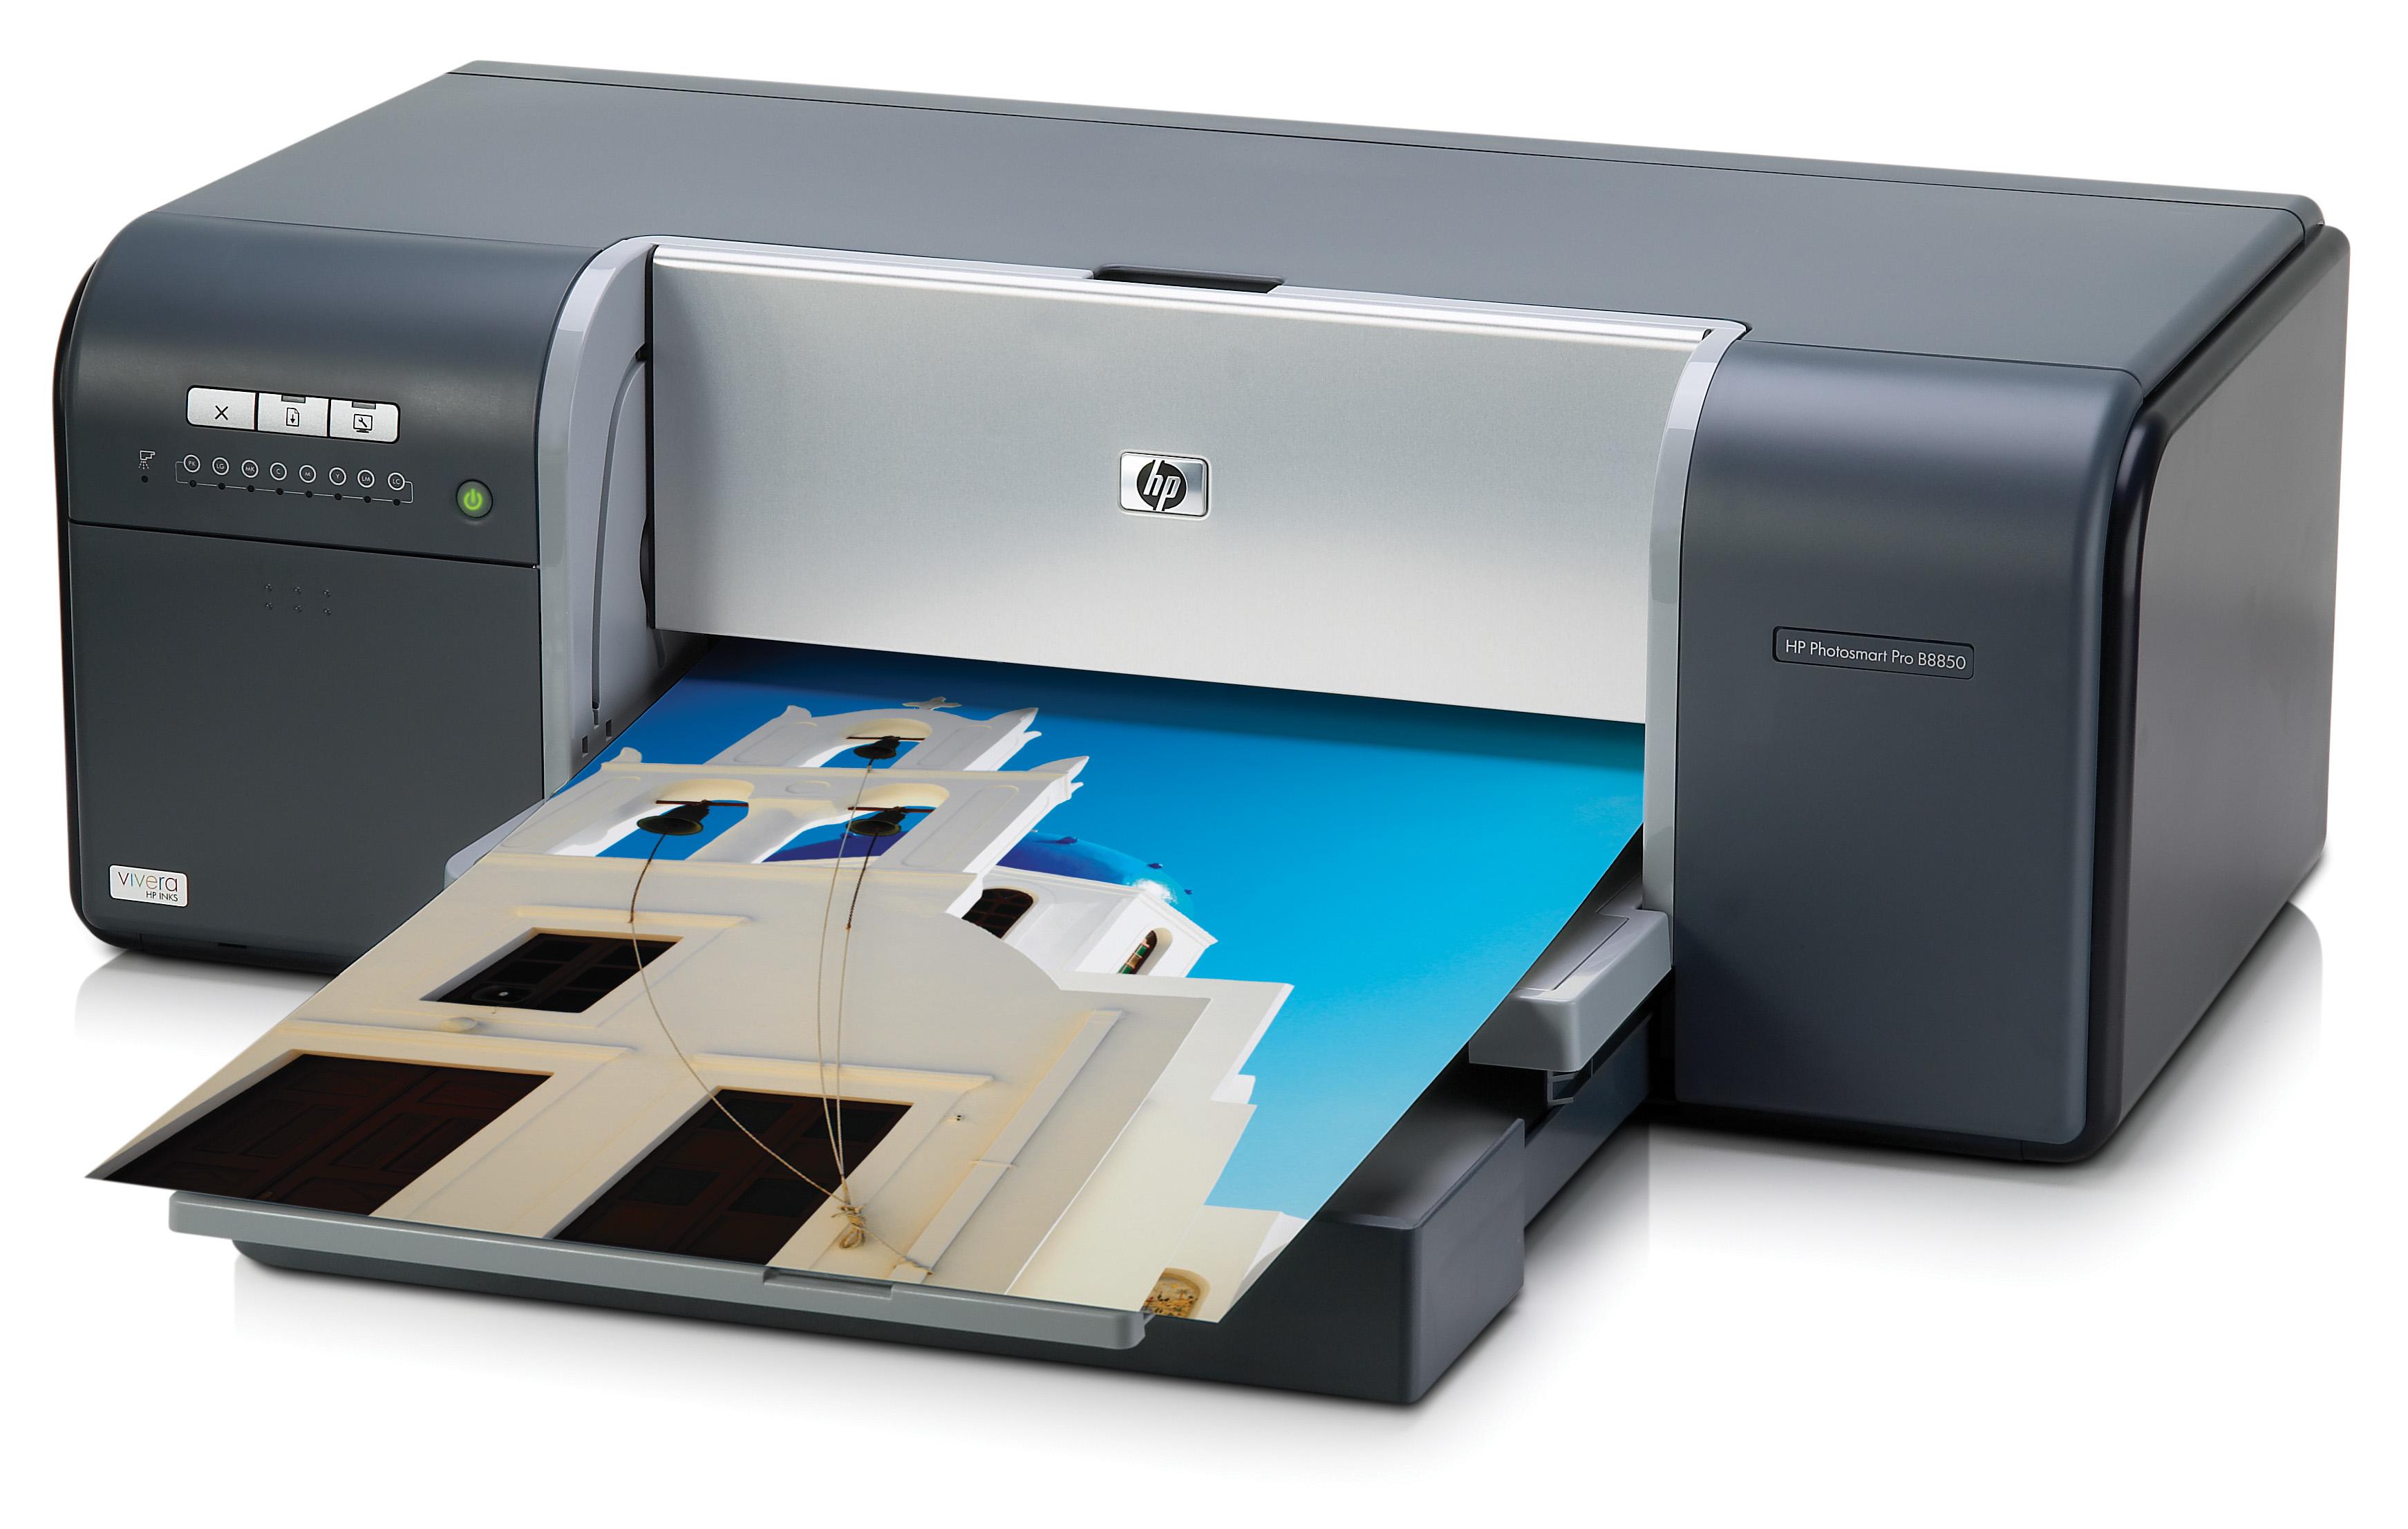 HP Photosmart Pro B8850 Ad inchiostro 4800 x 1200DPI Nero stampante per foto